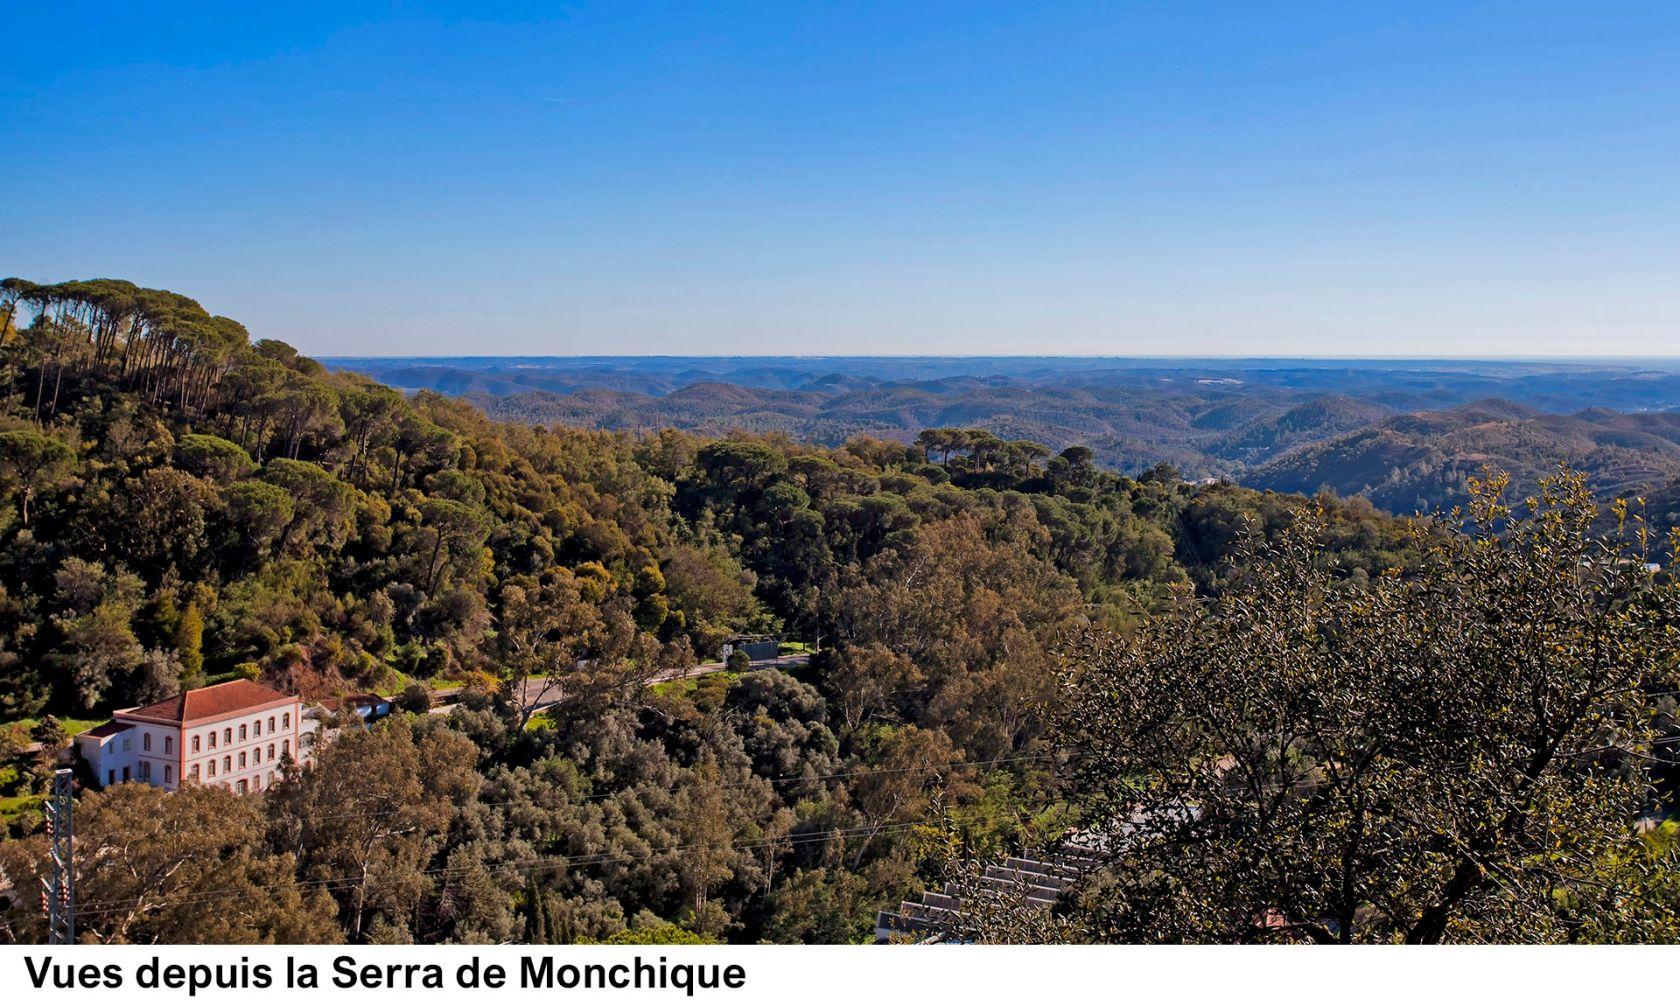 Vues depuis la Serra de Monchique